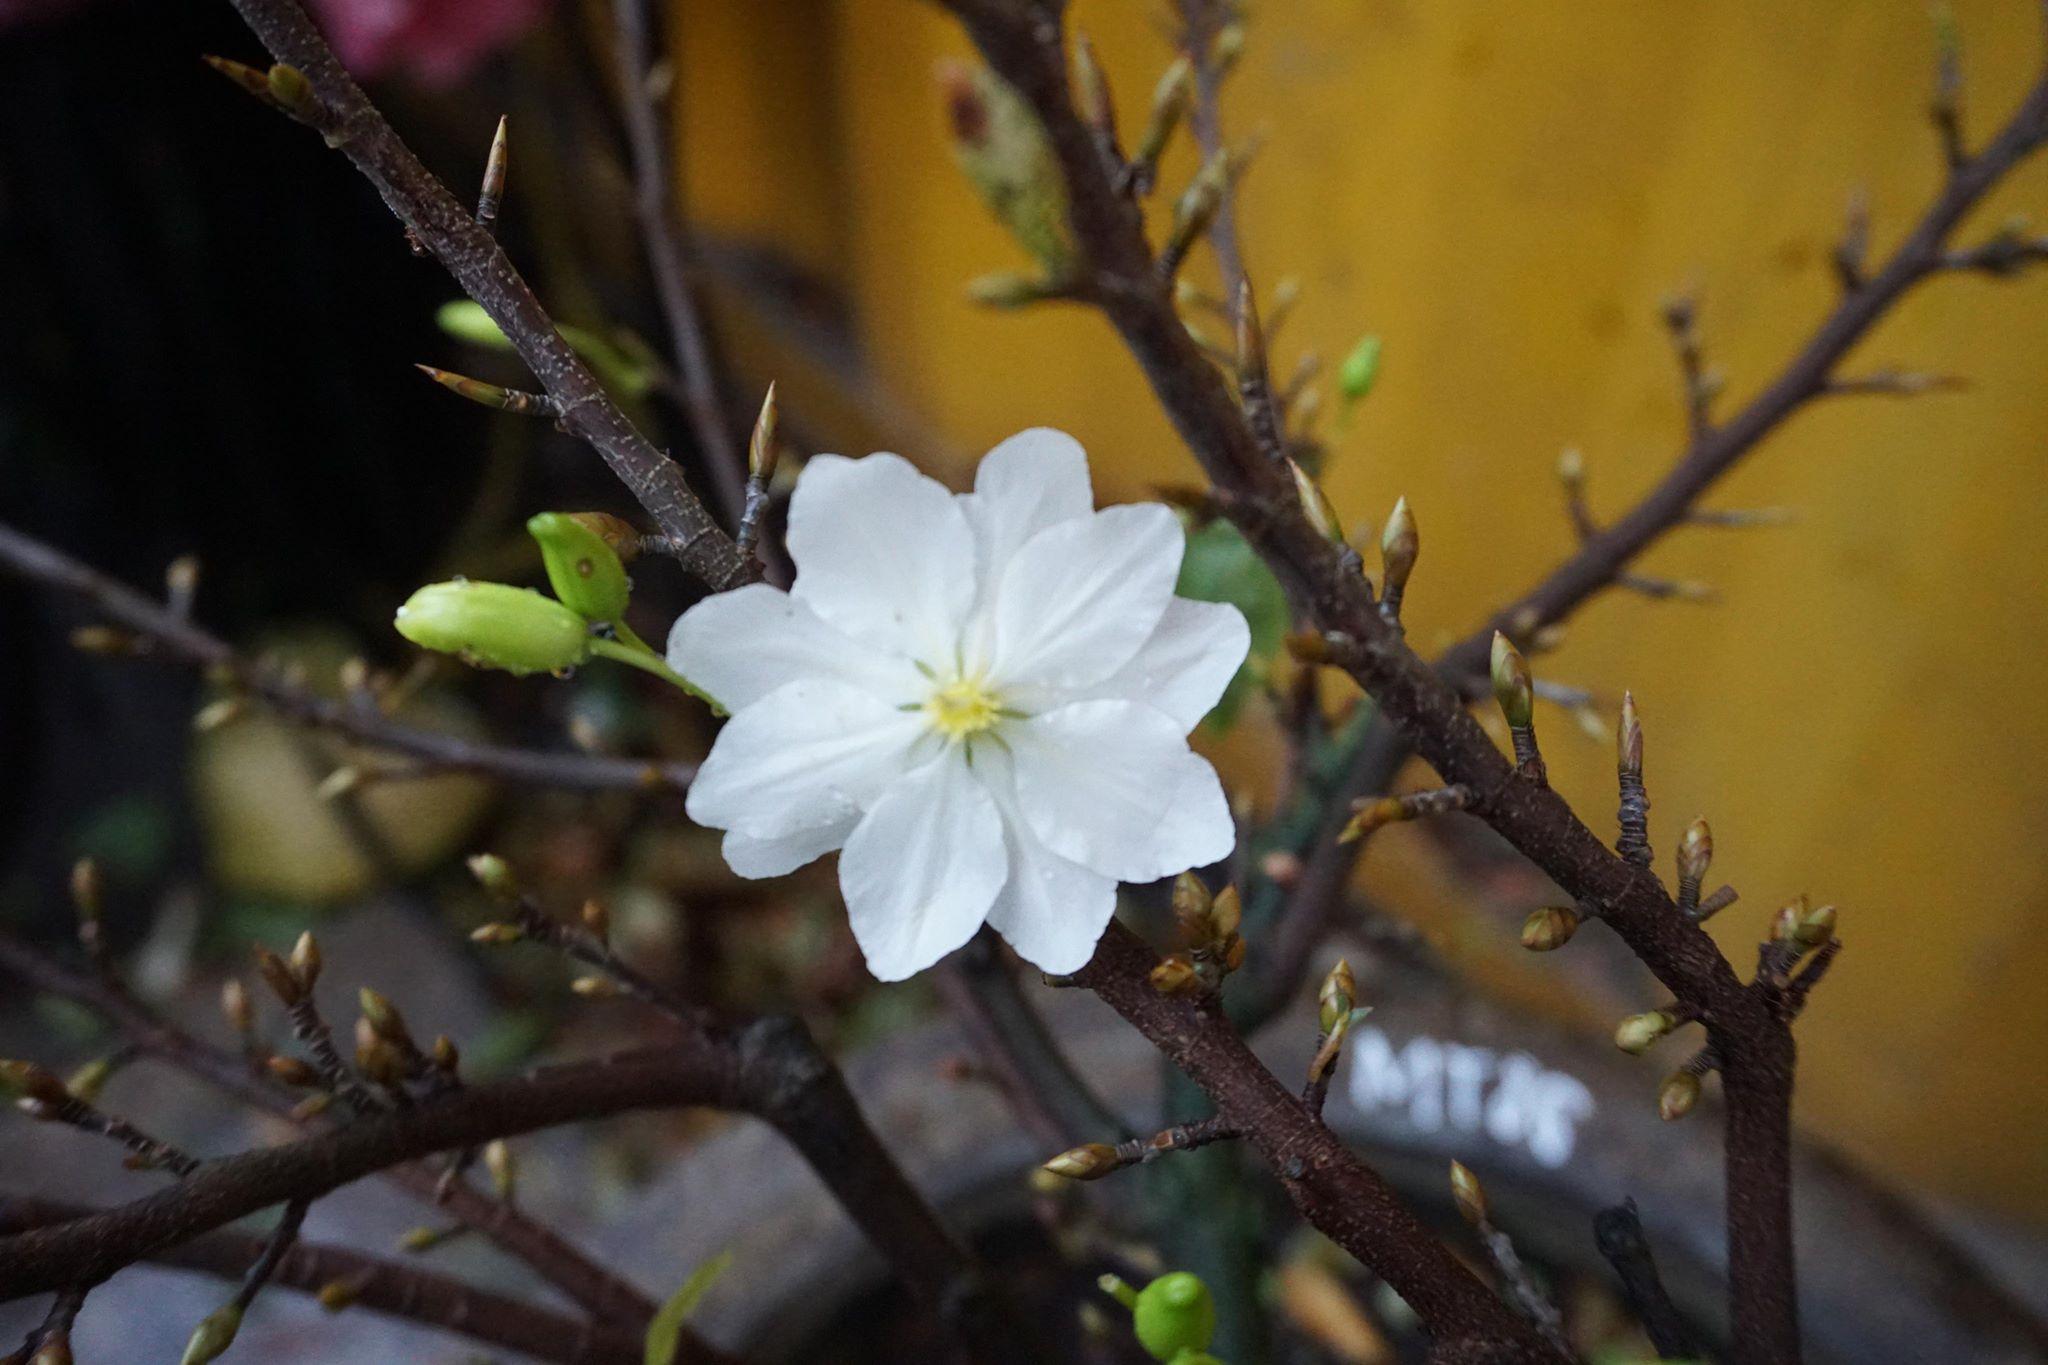 Hoa bạch mai 10 cánh. Một cây có thể có những hoa 10 cánh và những hoa có số cánh ít hơn. Không phải nụ hoa nào cũng có thể ra được 10 cánh